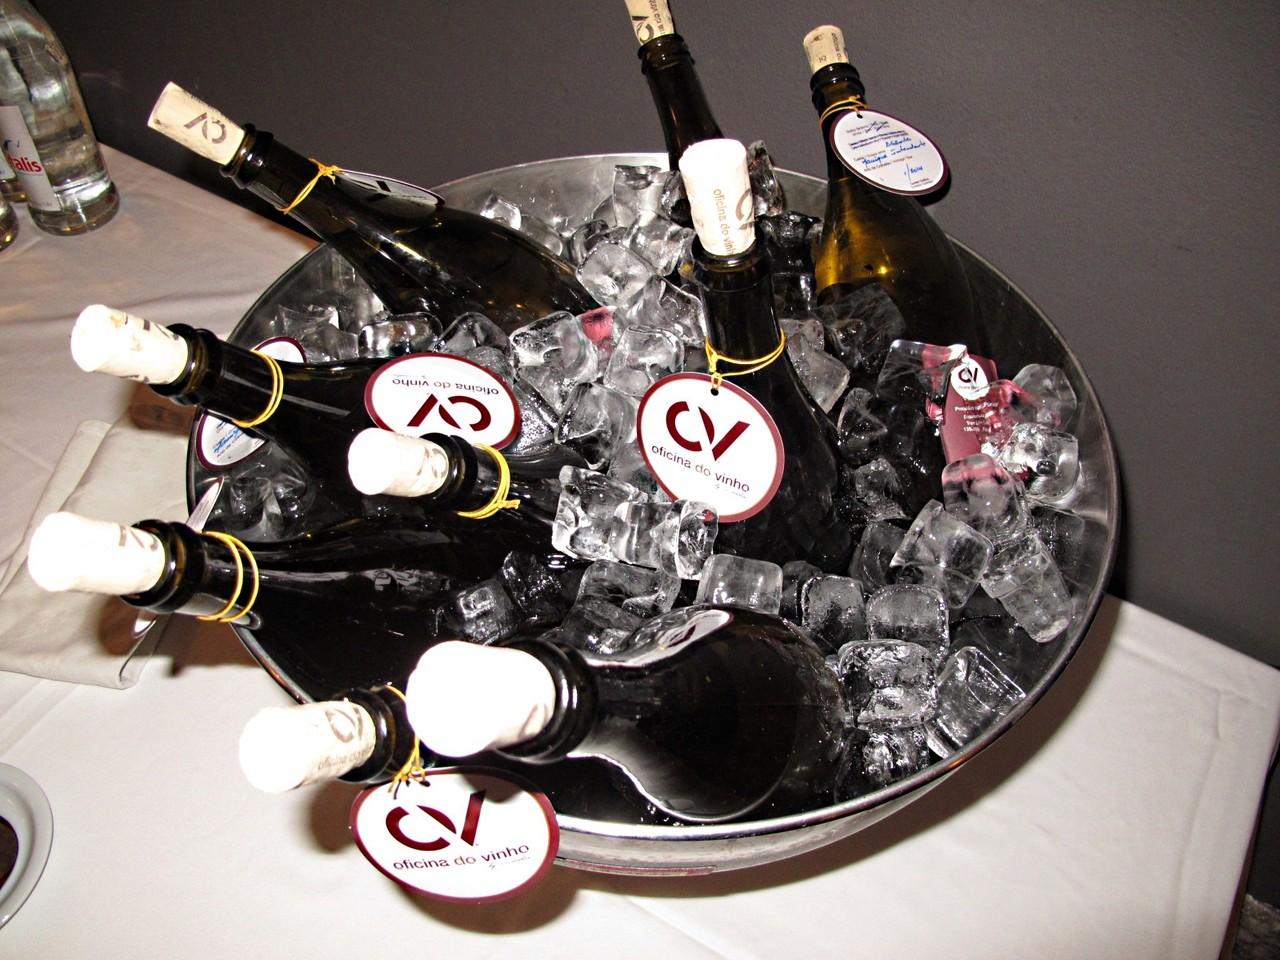 Oficina do Vinho